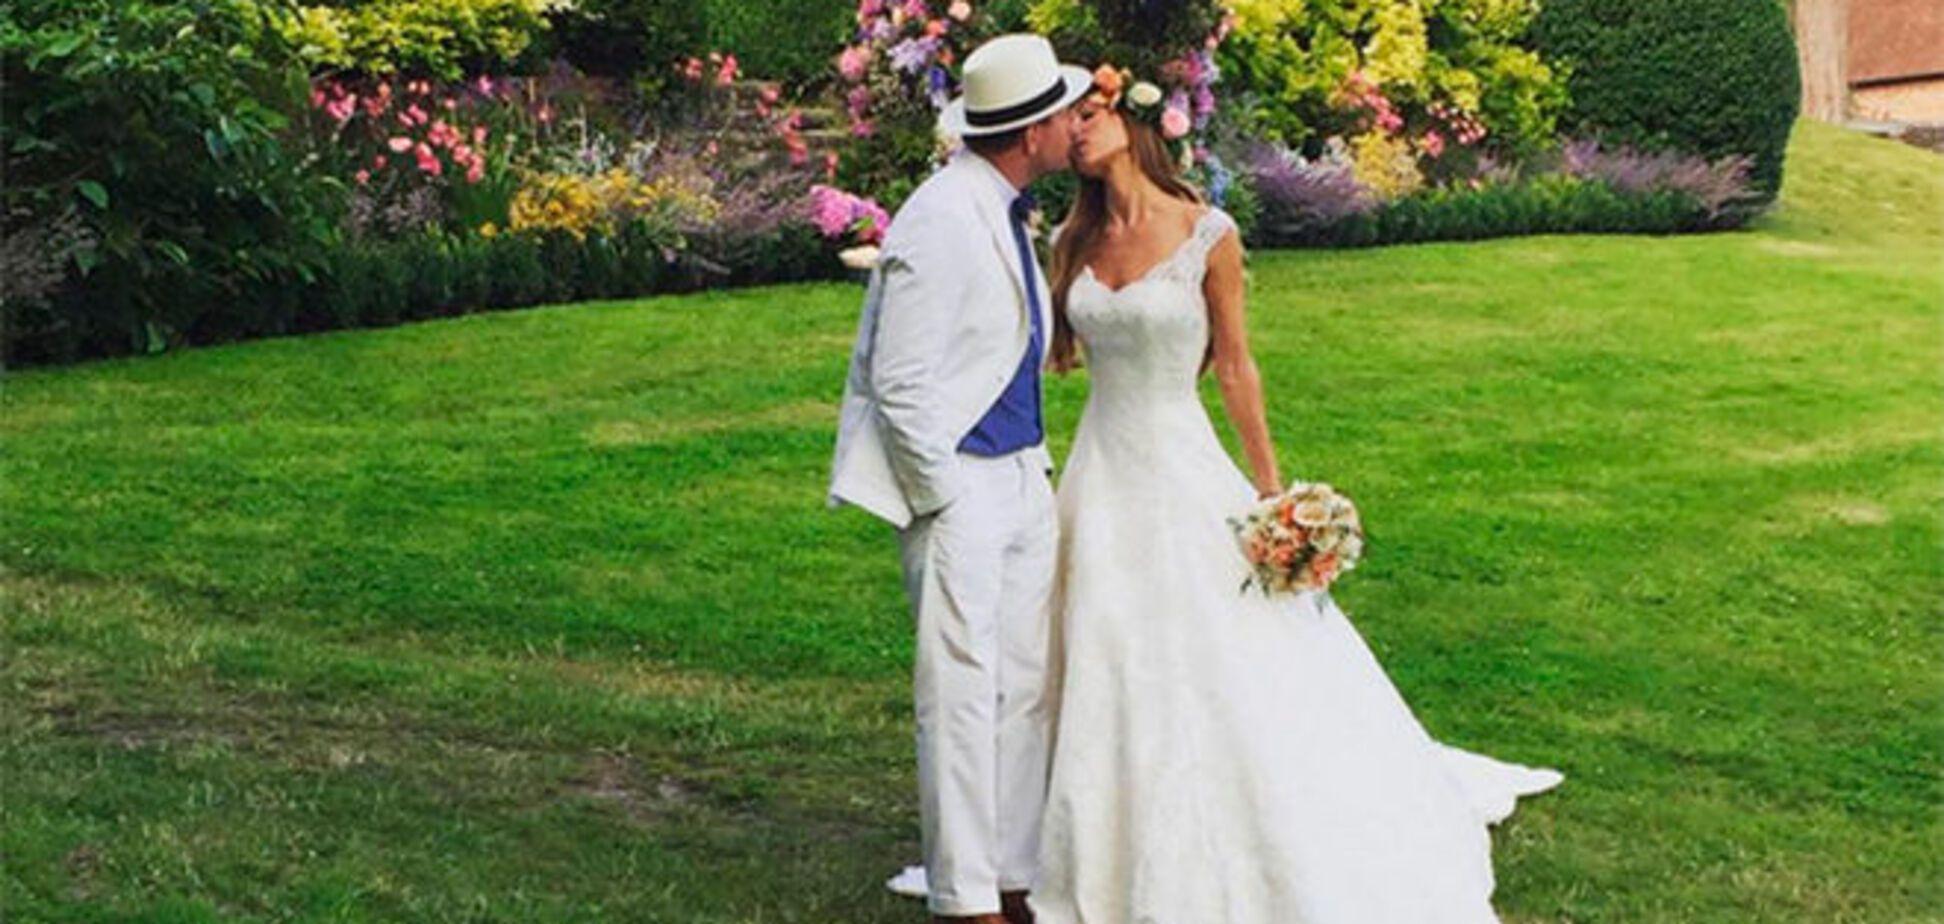 В сети появились трогательные фото со свадьбы Гая Ричи